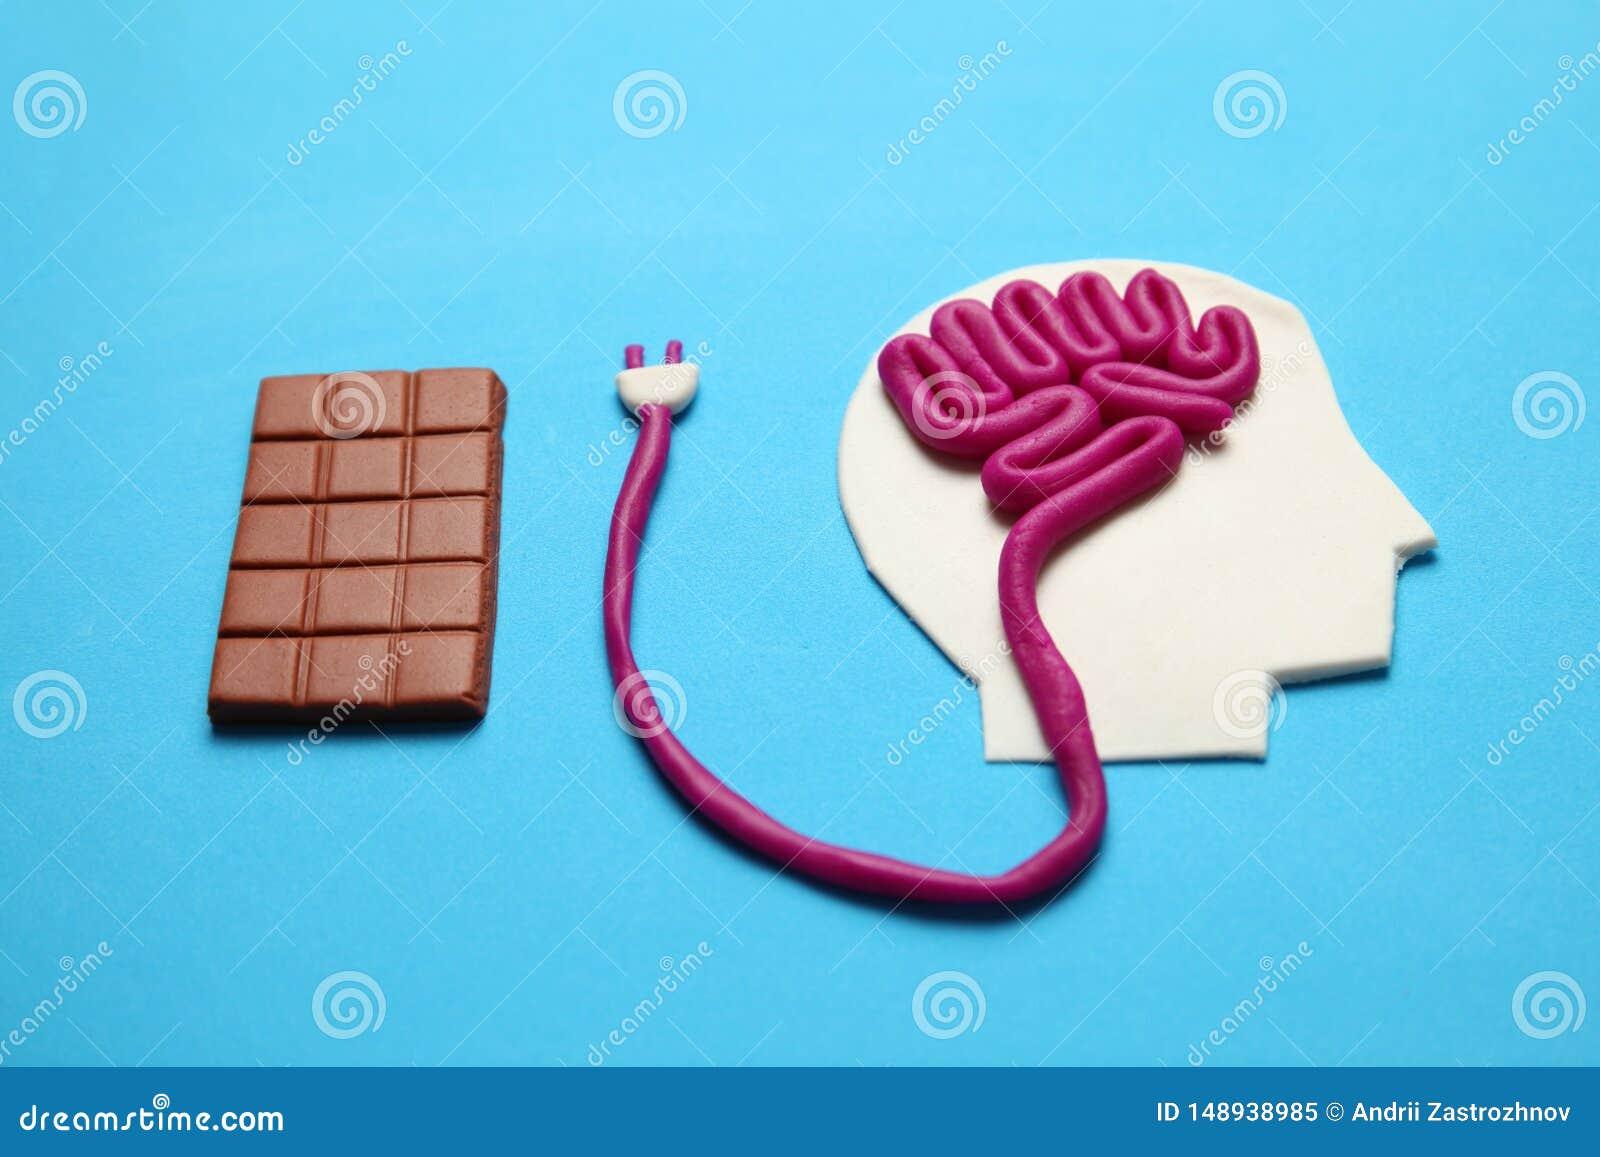 El cerebro se siente como gelatina